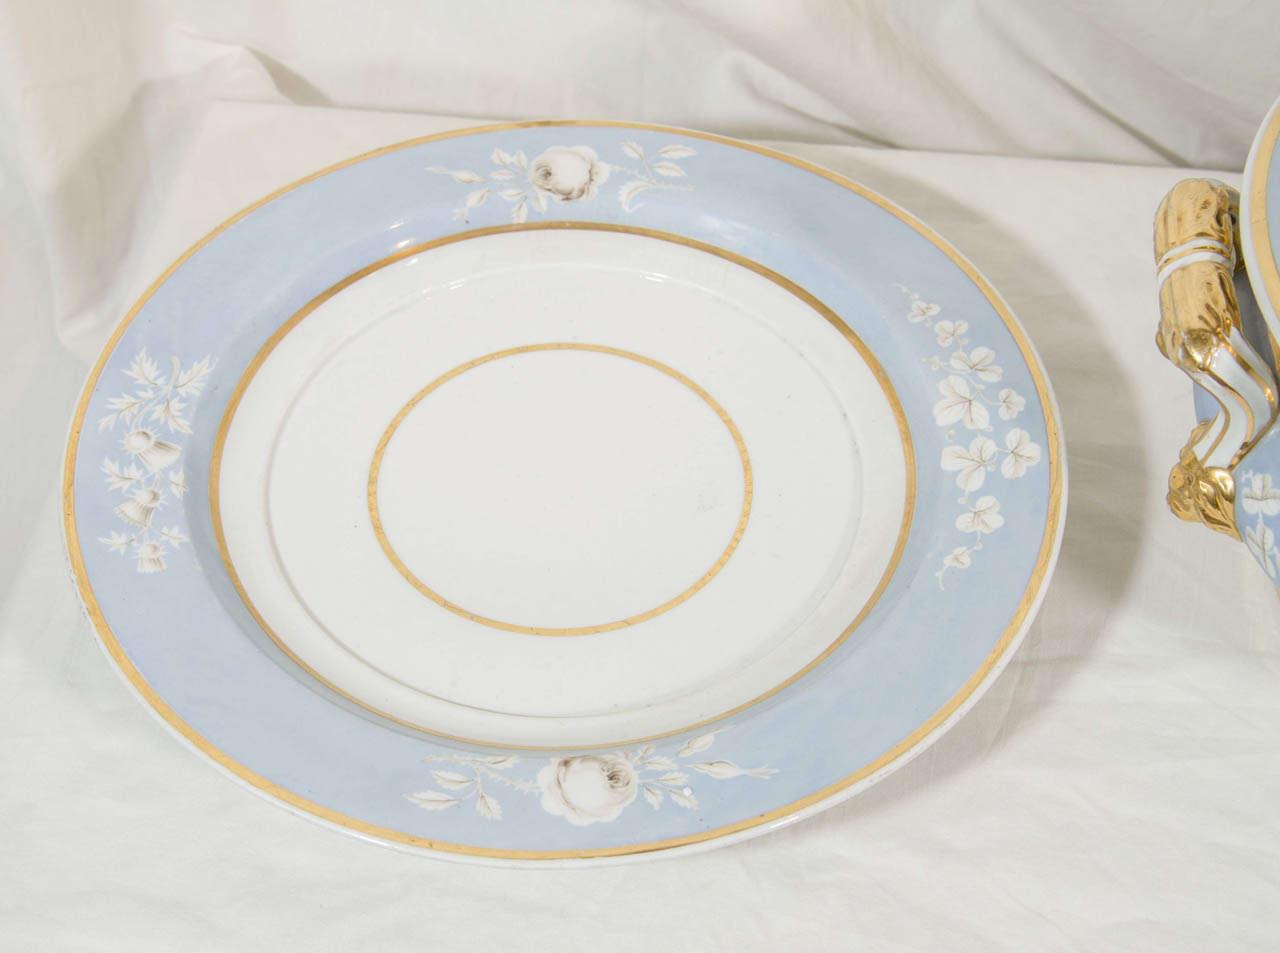 Antique Porcelain Blue Worcester Tureen For Sale 4